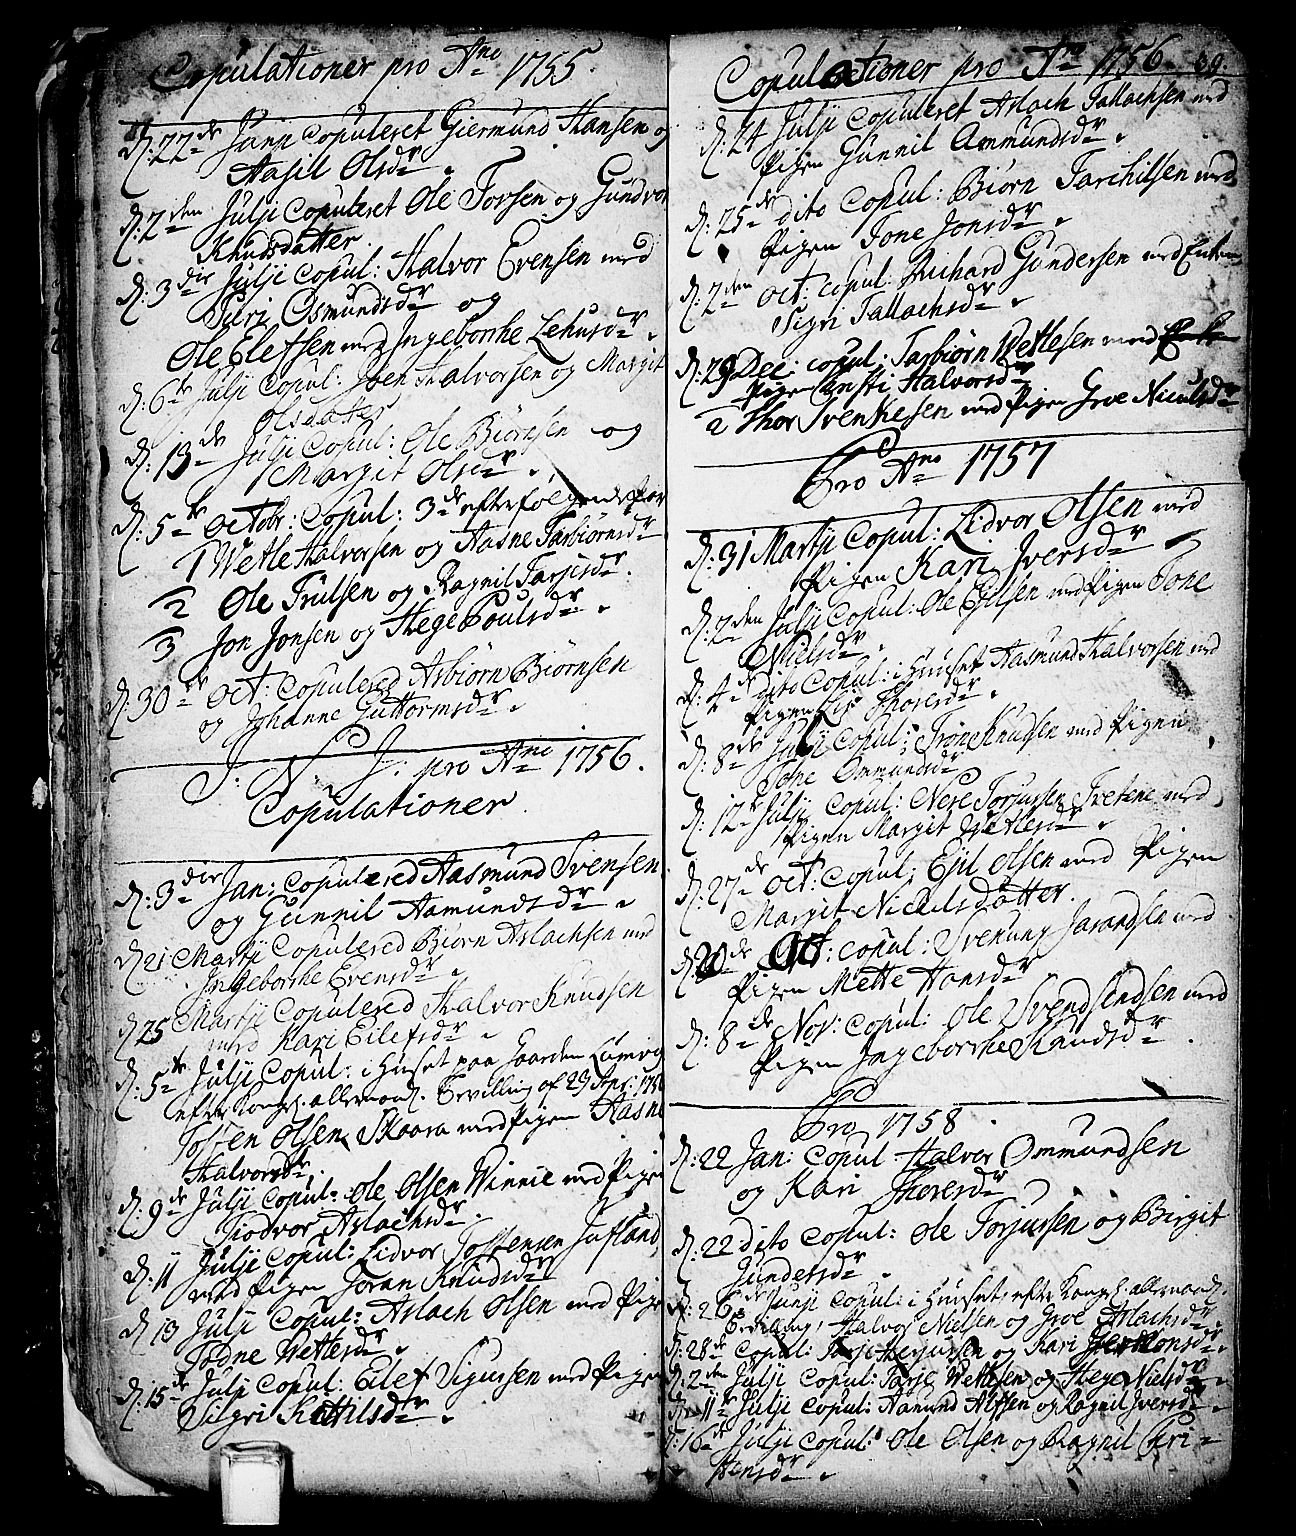 SAKO, Vinje kirkebøker, F/Fa/L0001: Ministerialbok nr. I 1, 1717-1766, s. 39